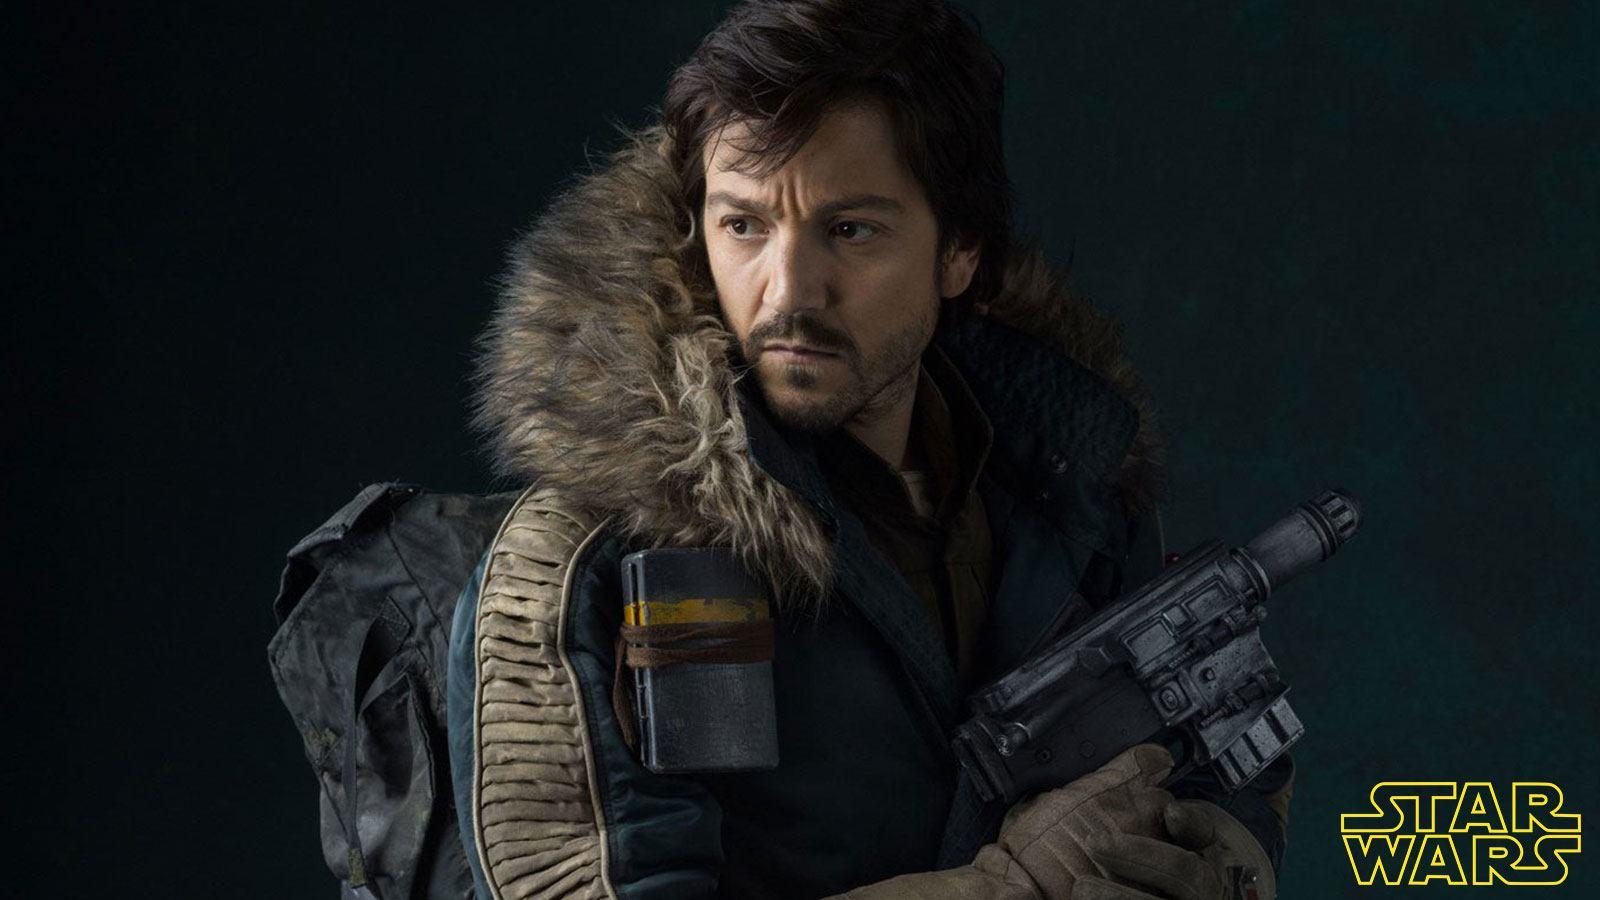 Cassian Andor (Diego Luna) - Rogue One : A Star Wars Story